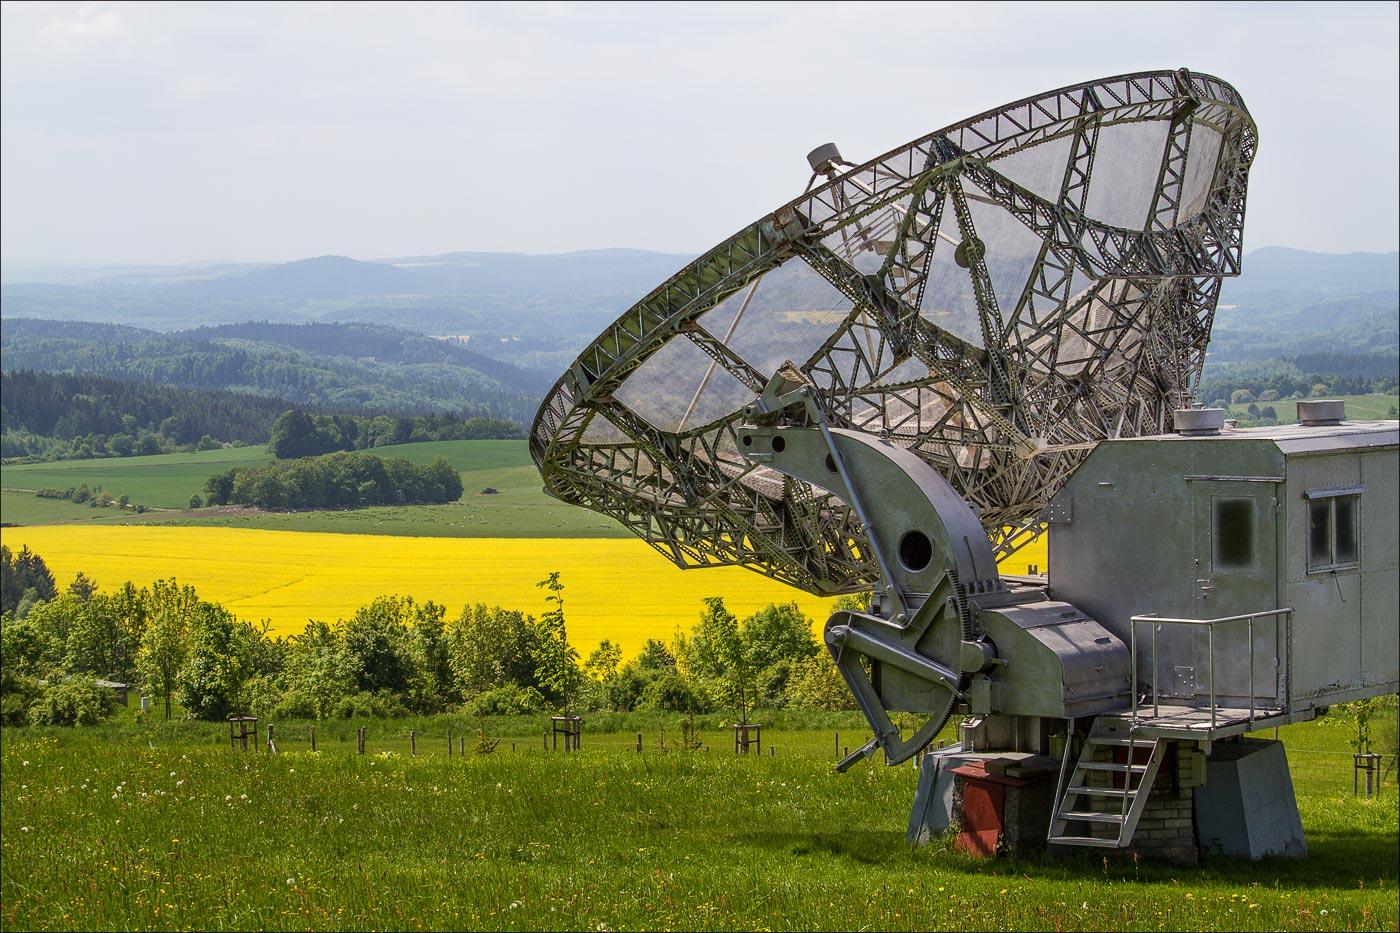 http://countryczech.com/wp-content/uploads/2015/06/photos/20150517-113628_Ondrejov_f.jpg